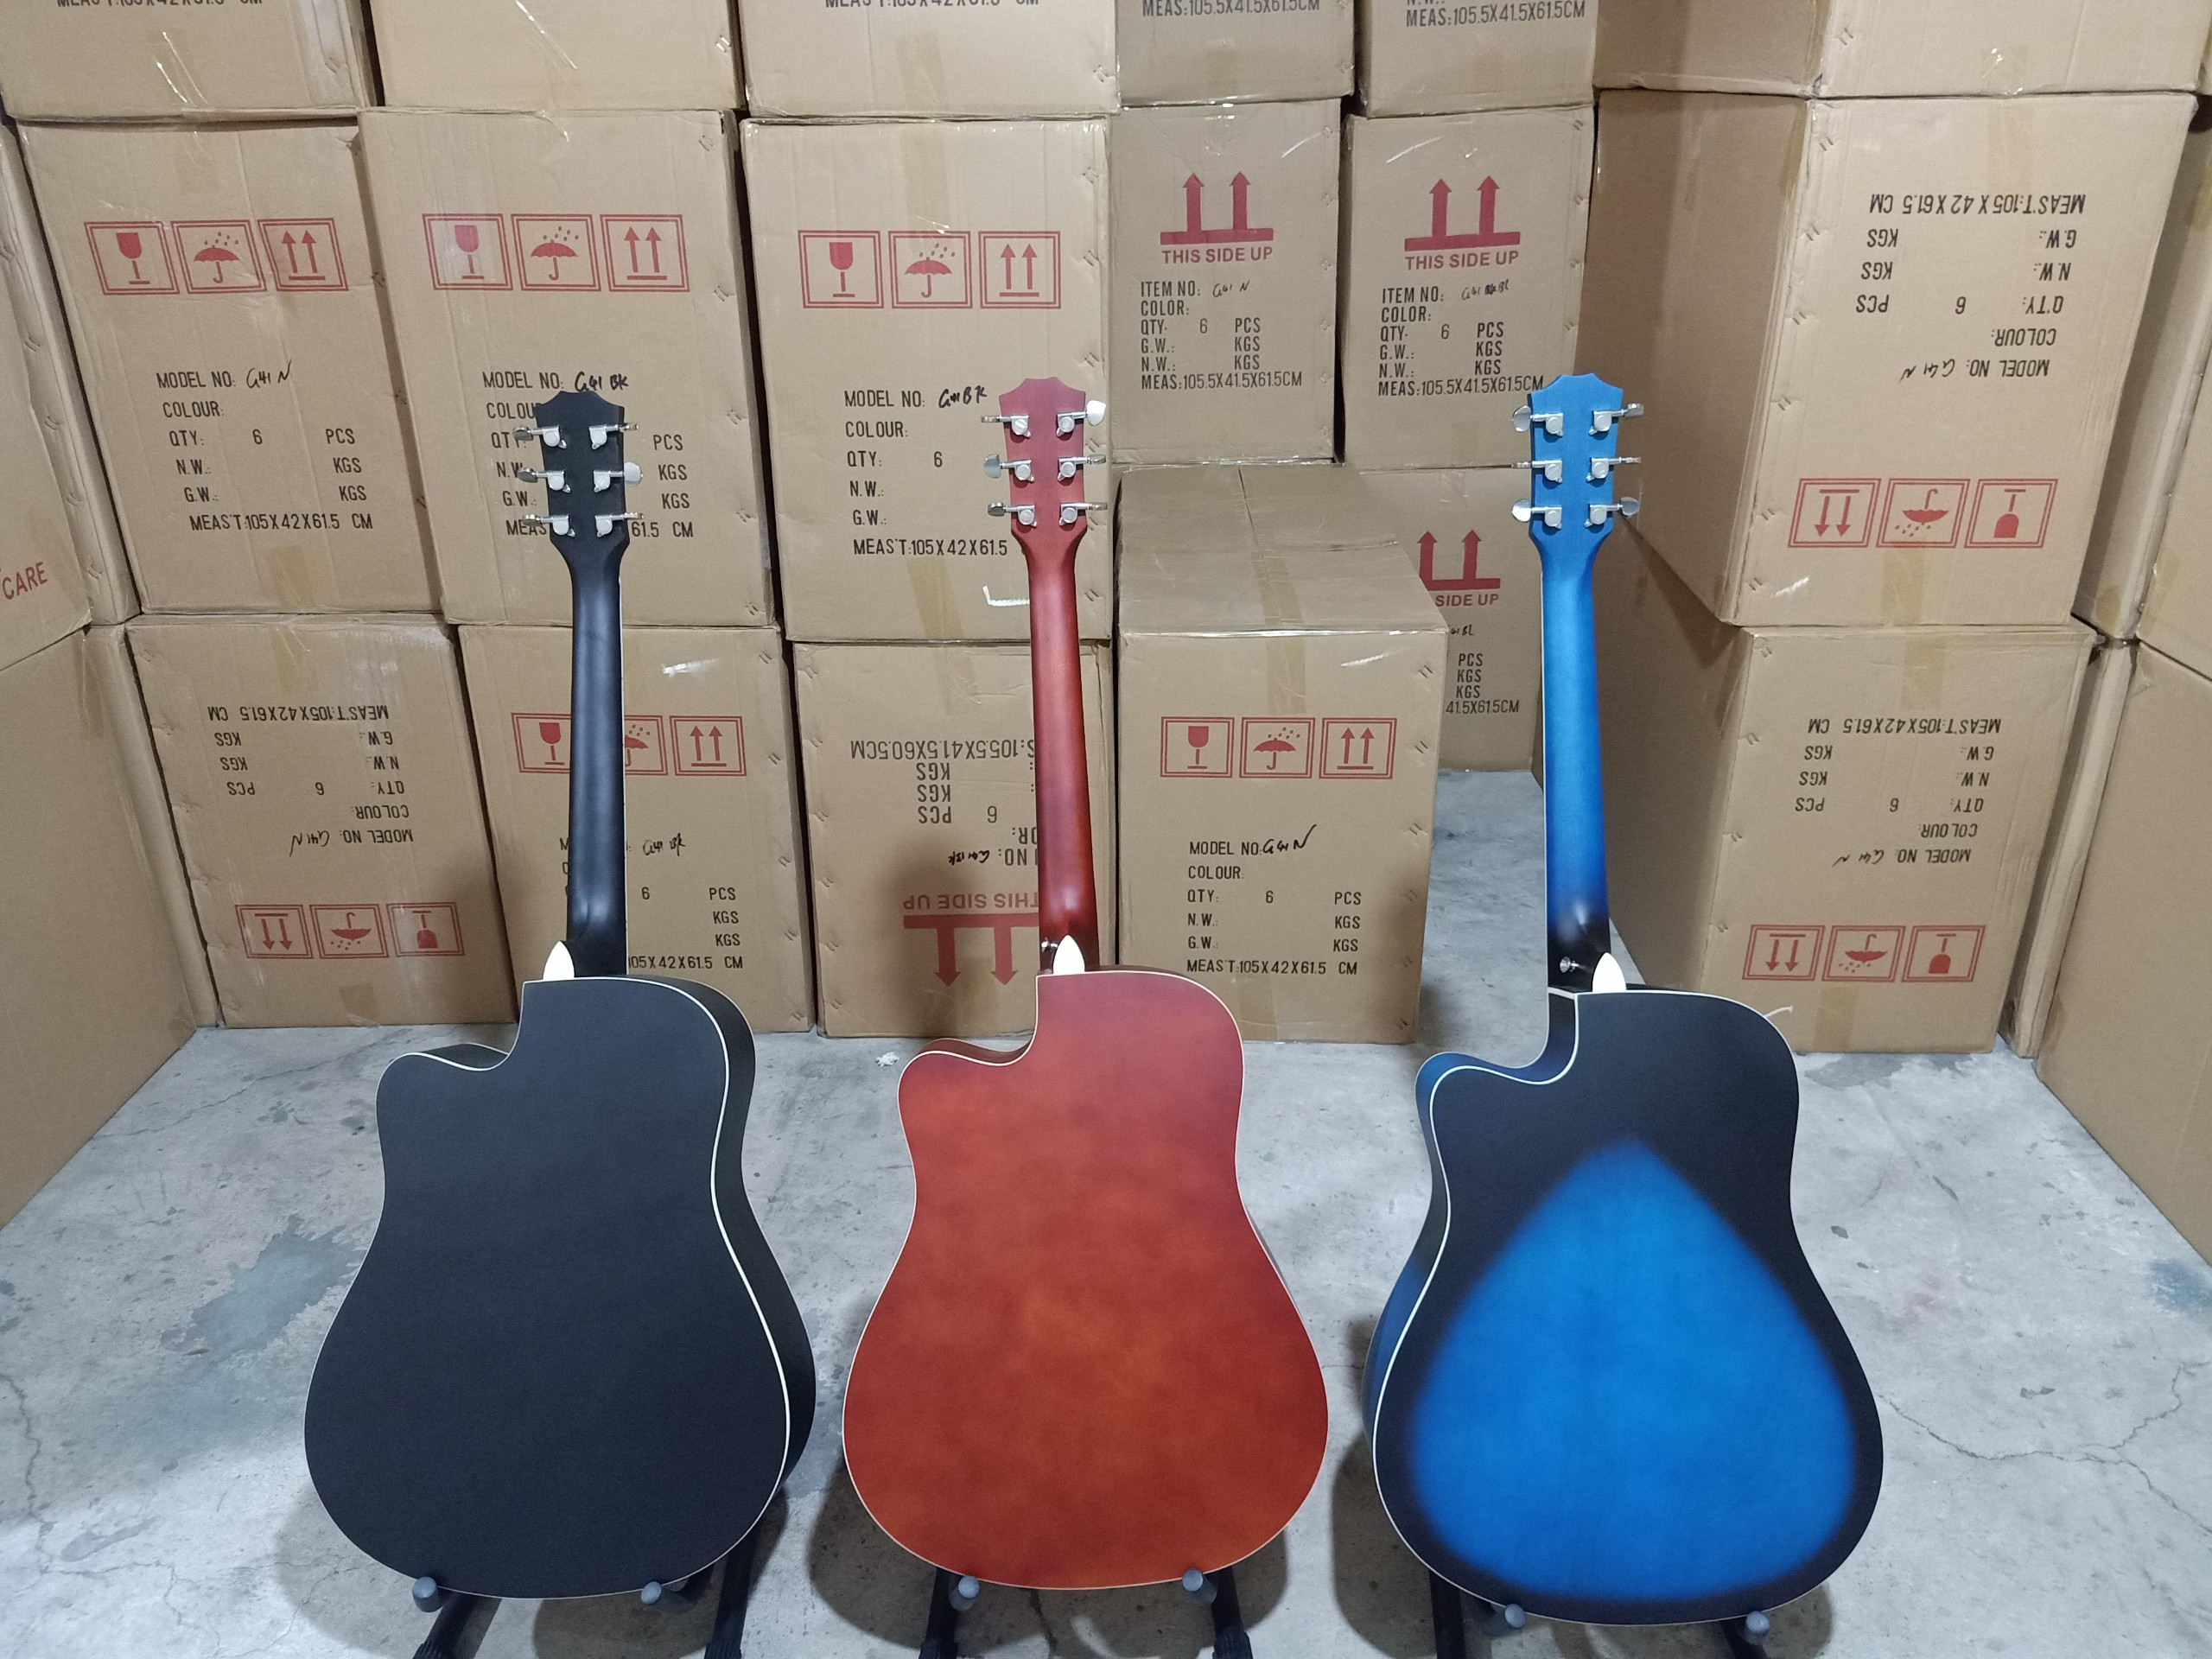 Bán sỉ guitar acoustic Rosen G11 giá rẻ